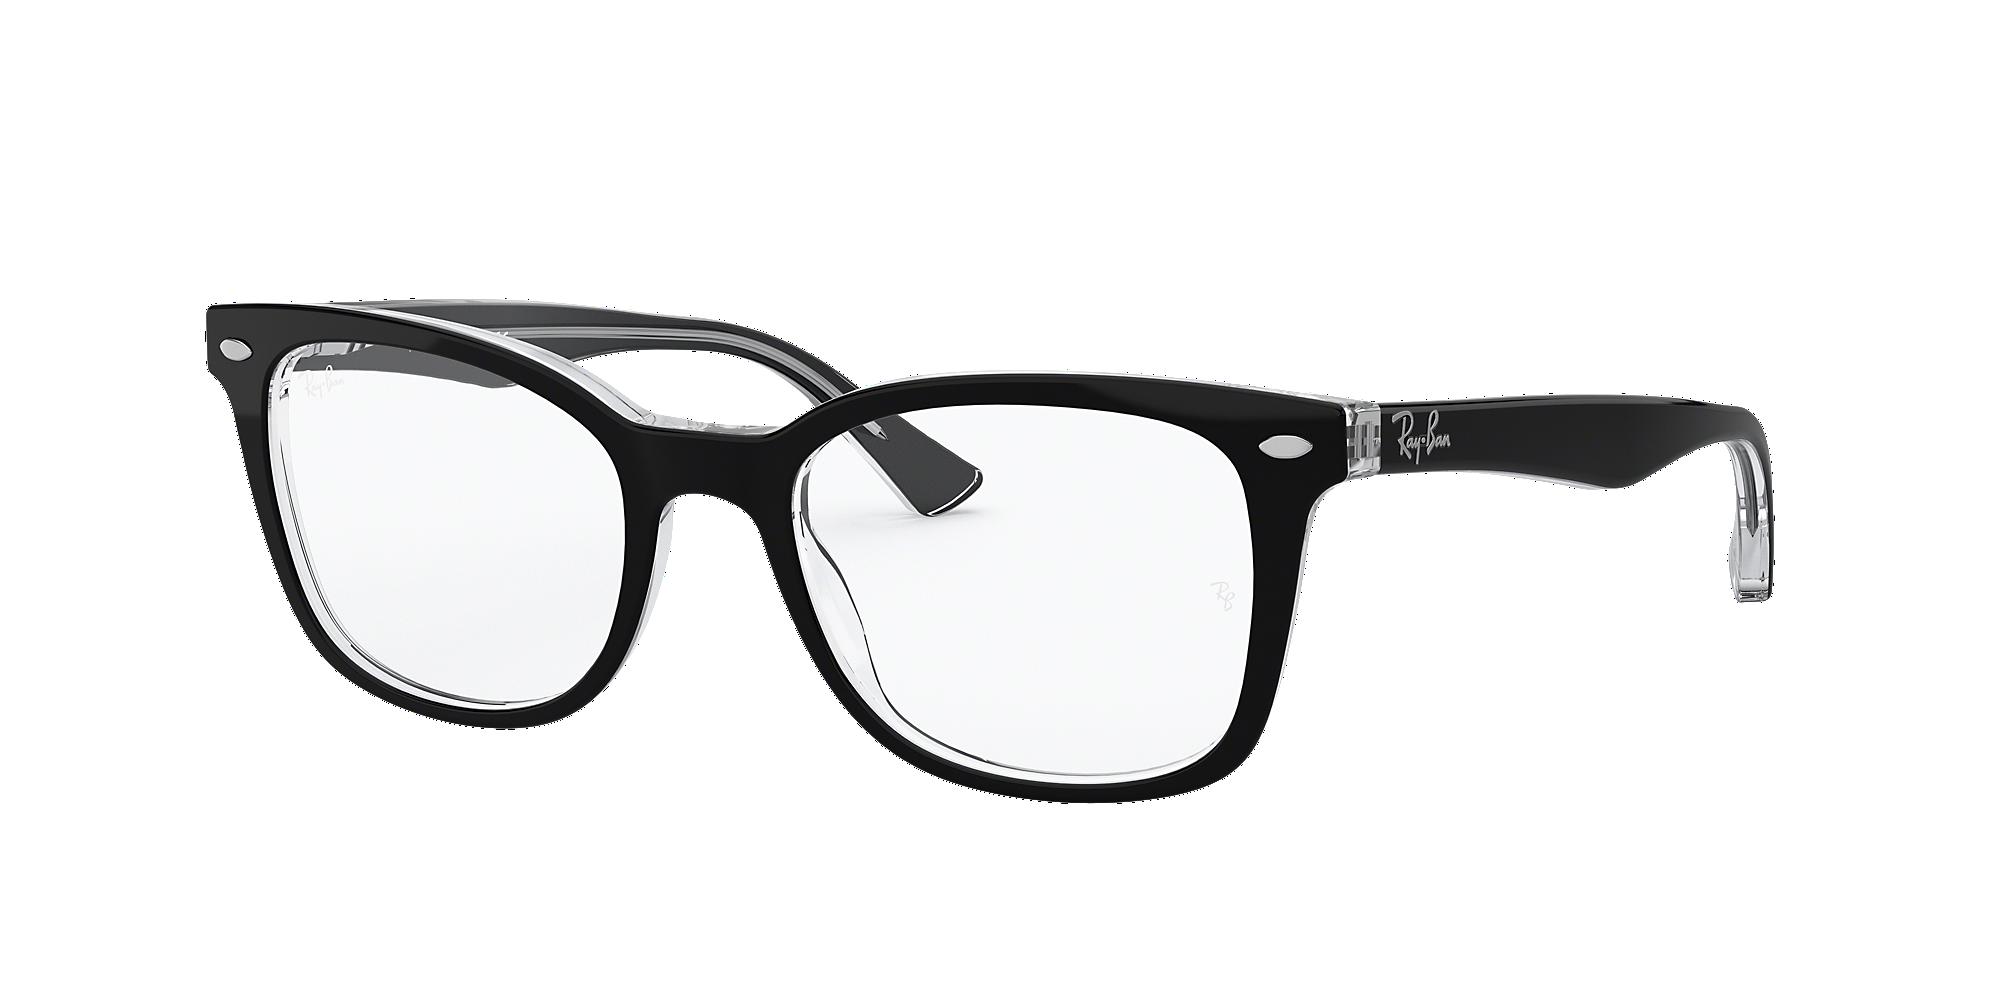 frames s ban rectangular glasses in black